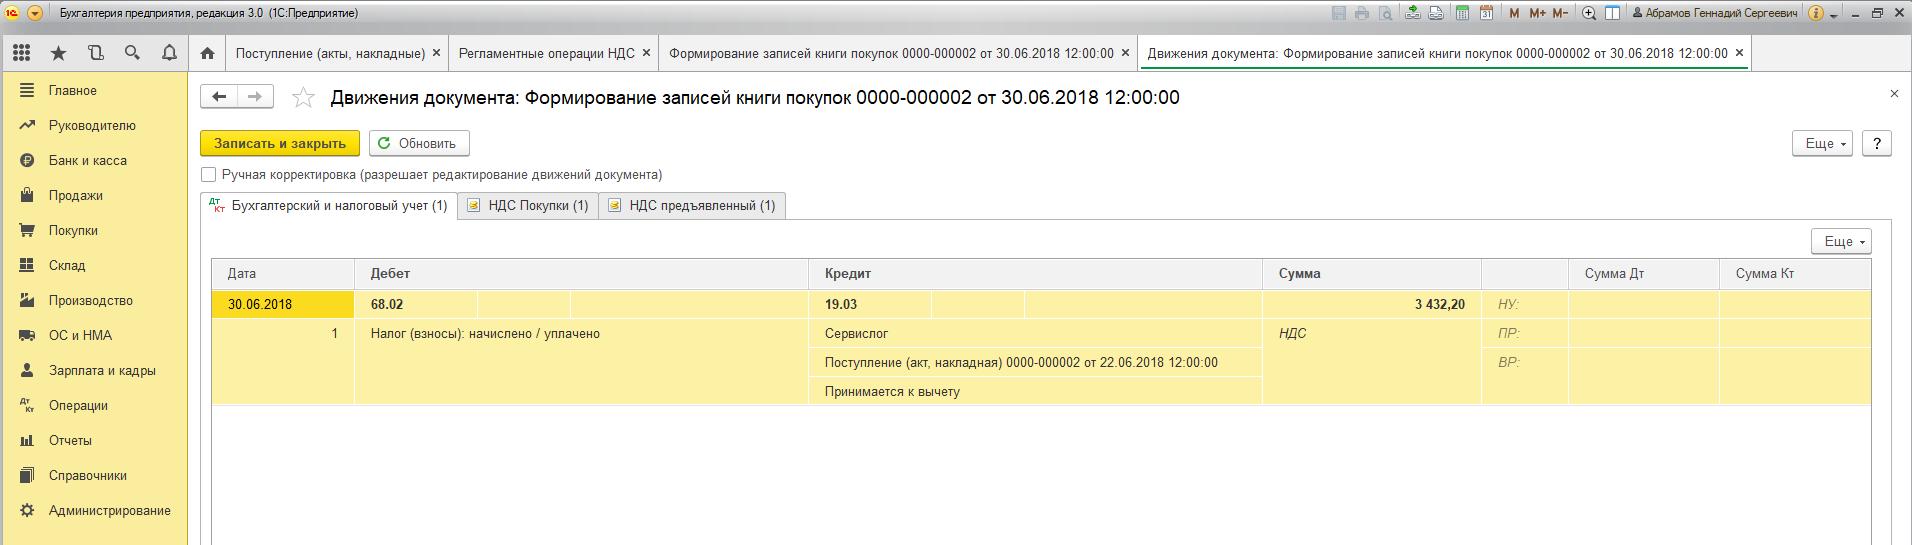 Рис.4 Проводки по учету НДС к вычету и регистр накопления